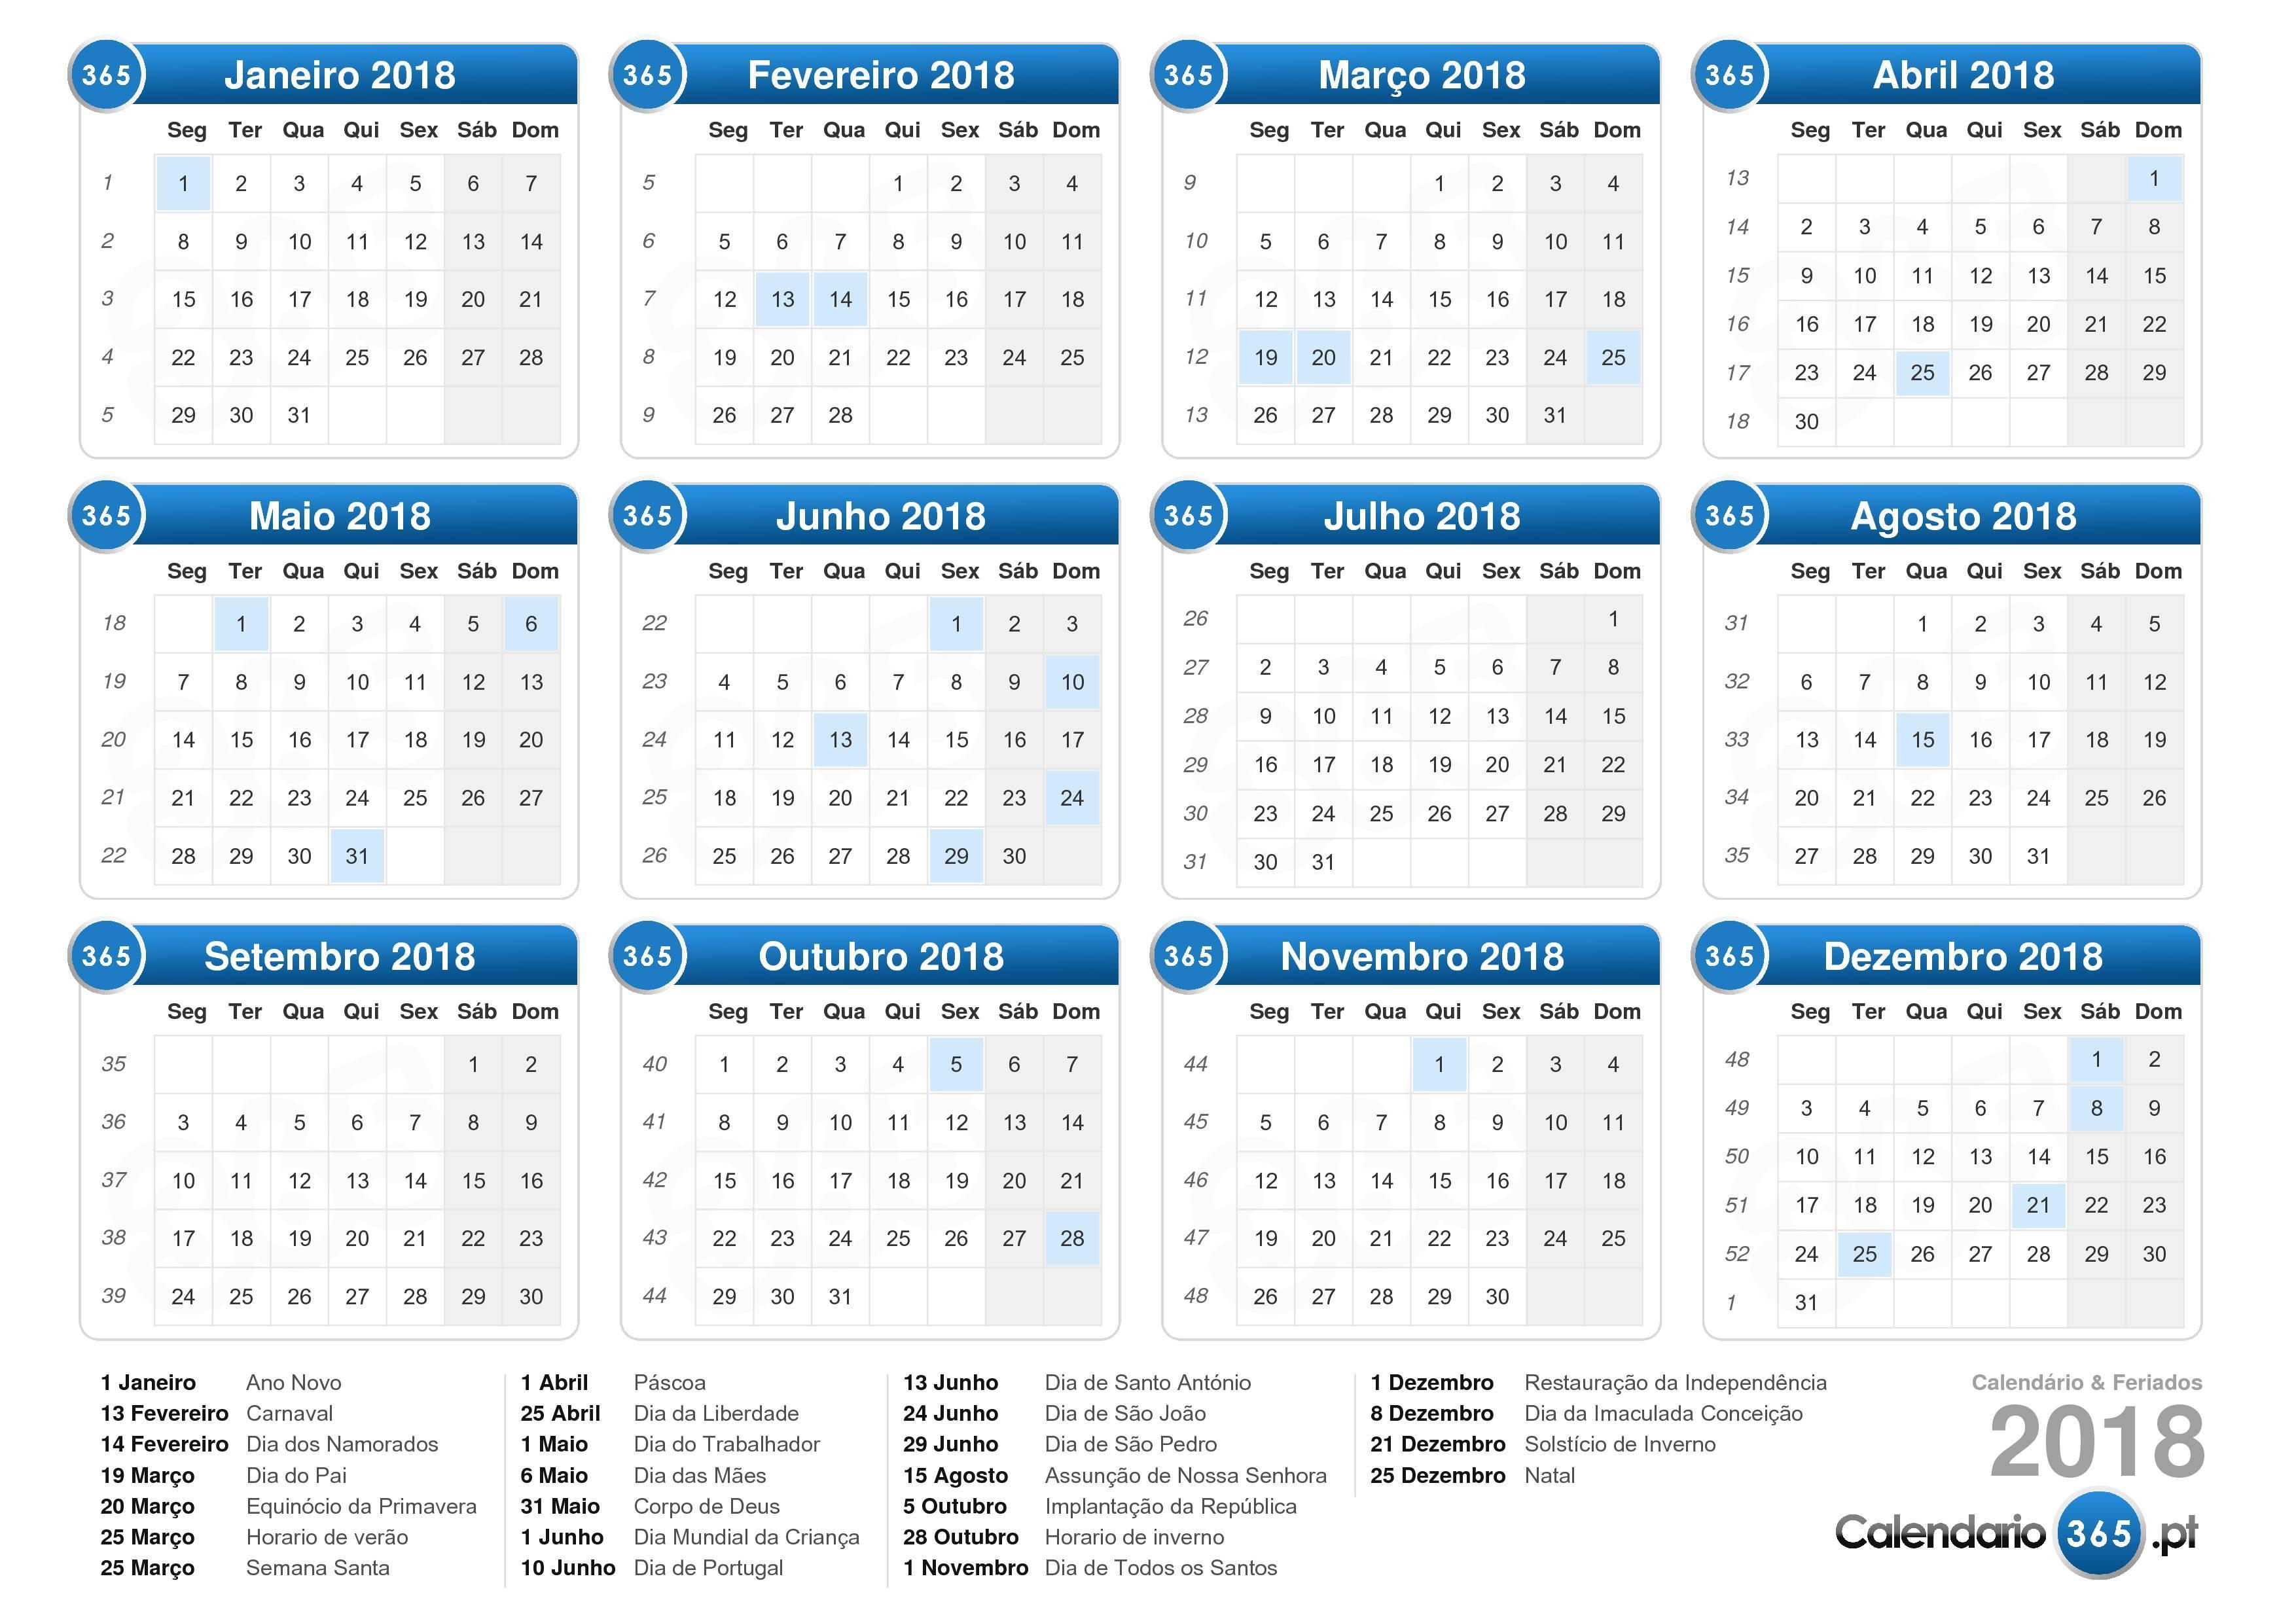 hvilken dato er det valentinsdag